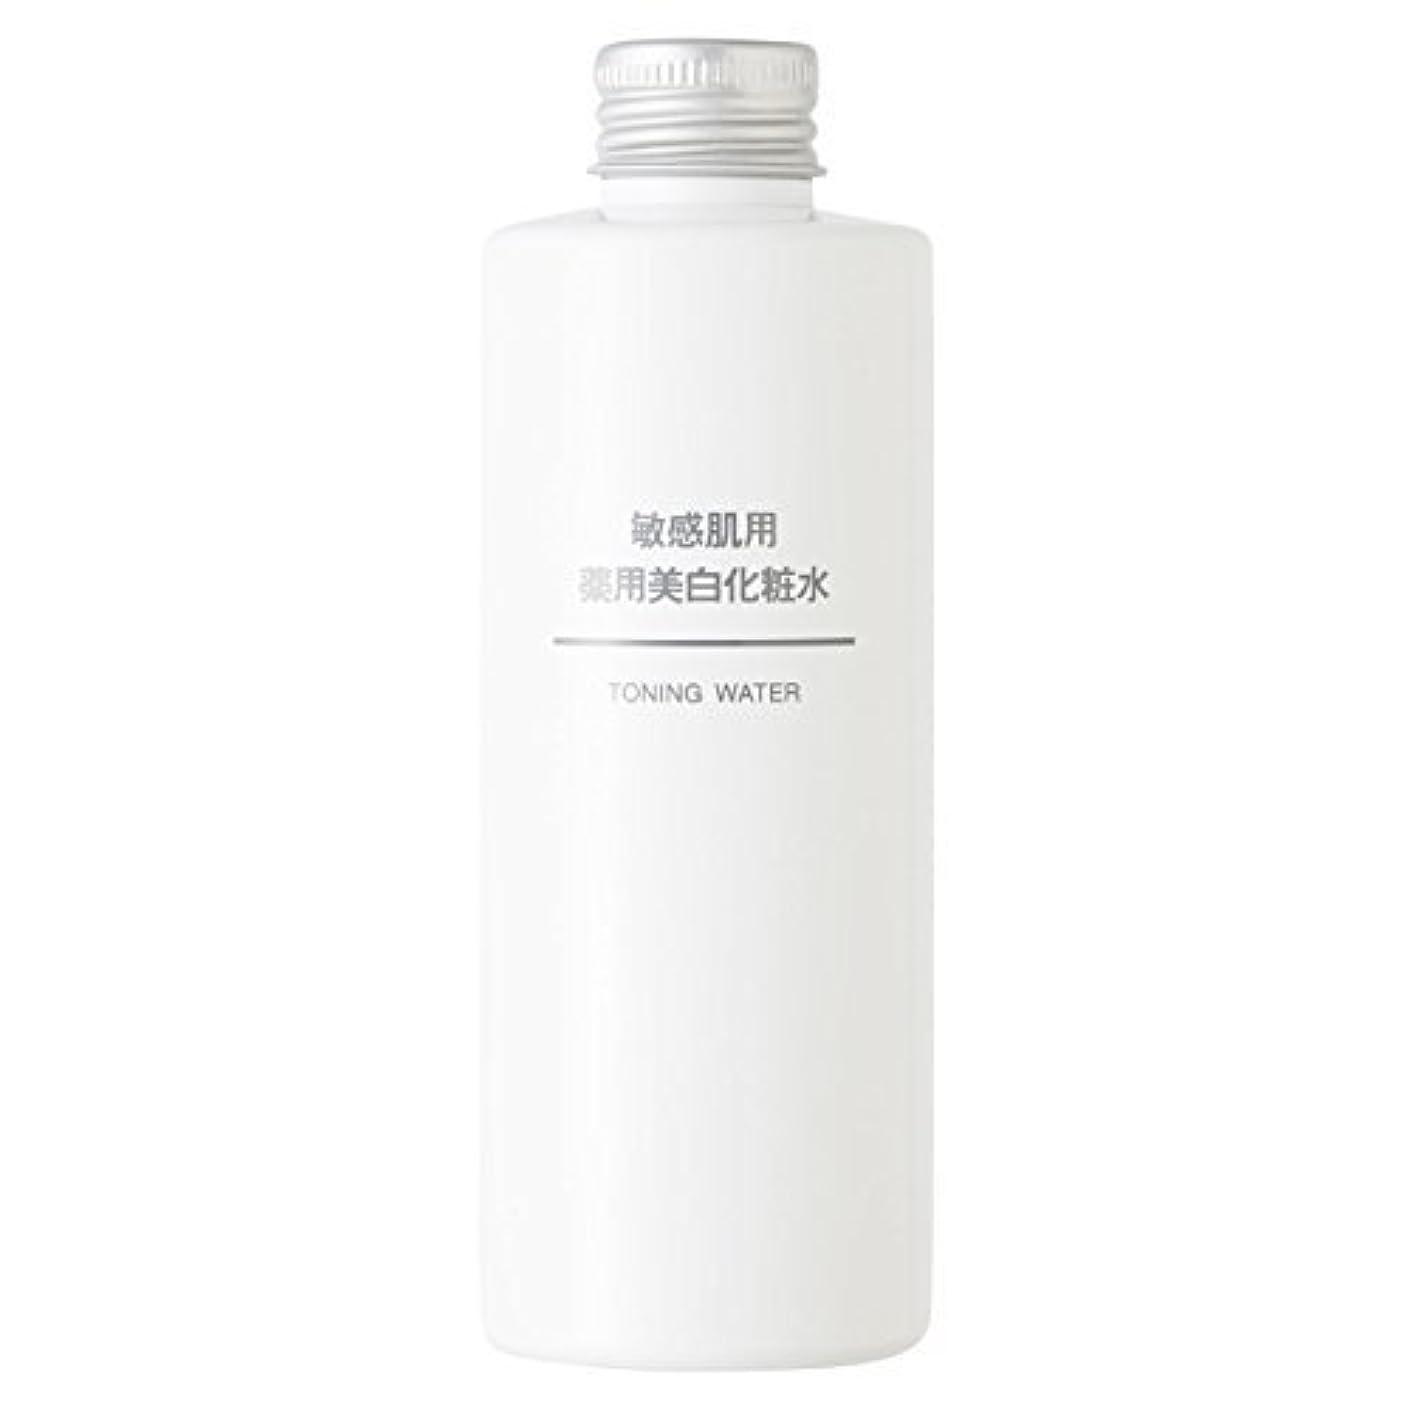 復活硬化する概要無印良品 敏感肌用 薬用美白化粧水 (新)200ml